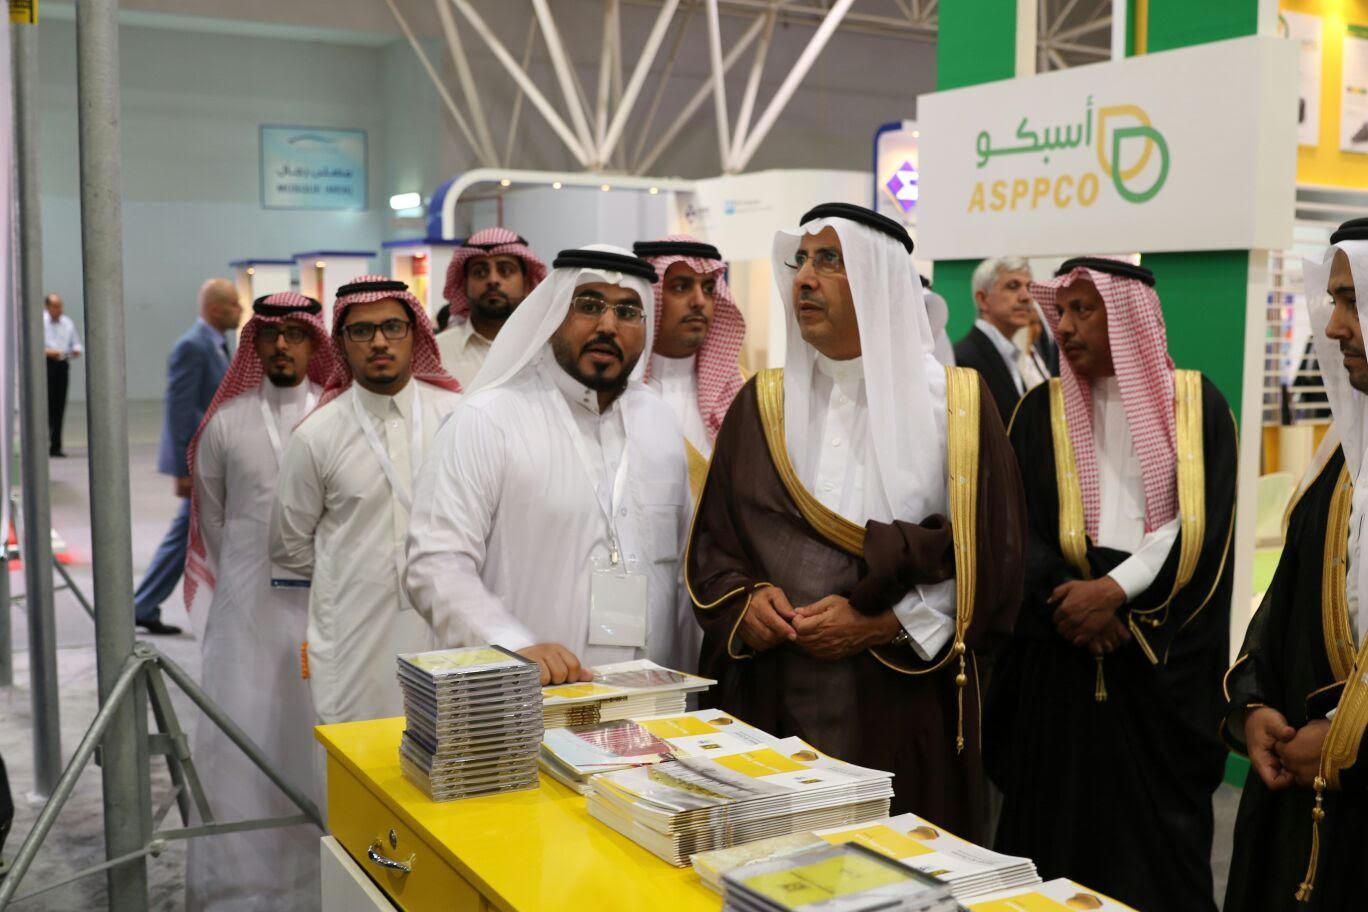 أمين #الرياض : السوق السعودي جاذب ومفتوح وحجم المشاريع 3 تريليونات - المواطن